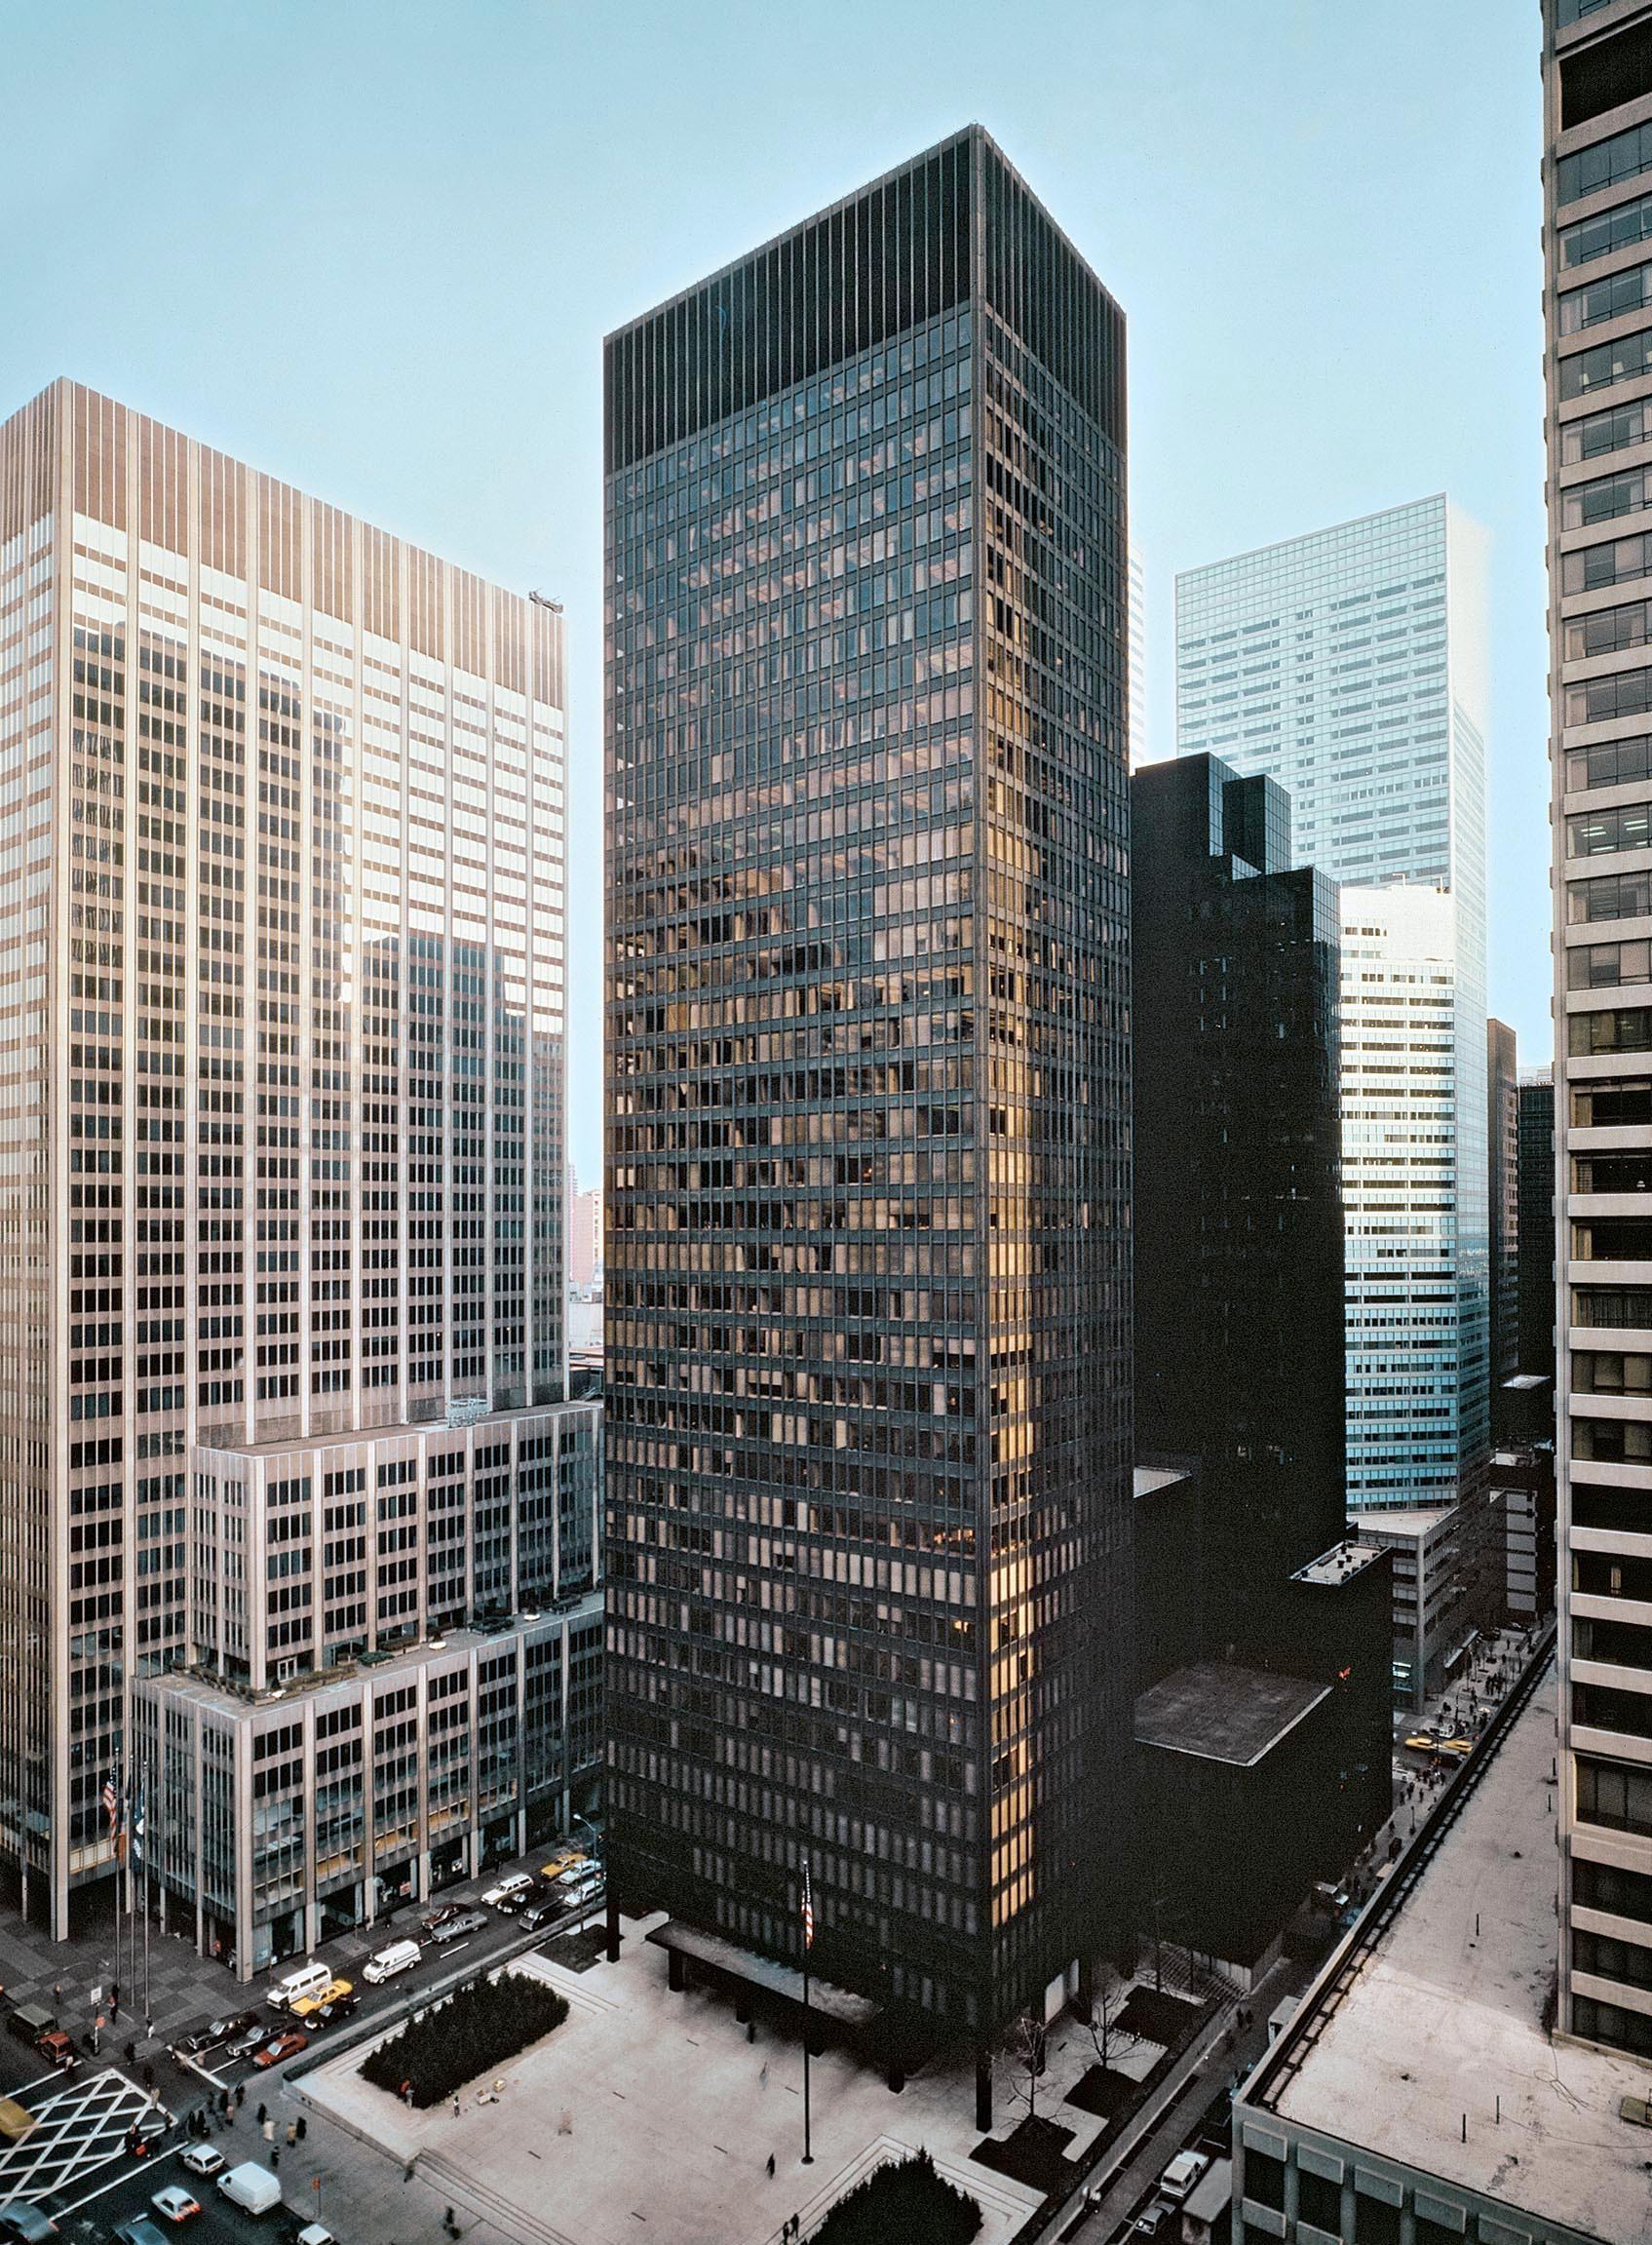 Americau0027s Top 10 buildings Seagram Building